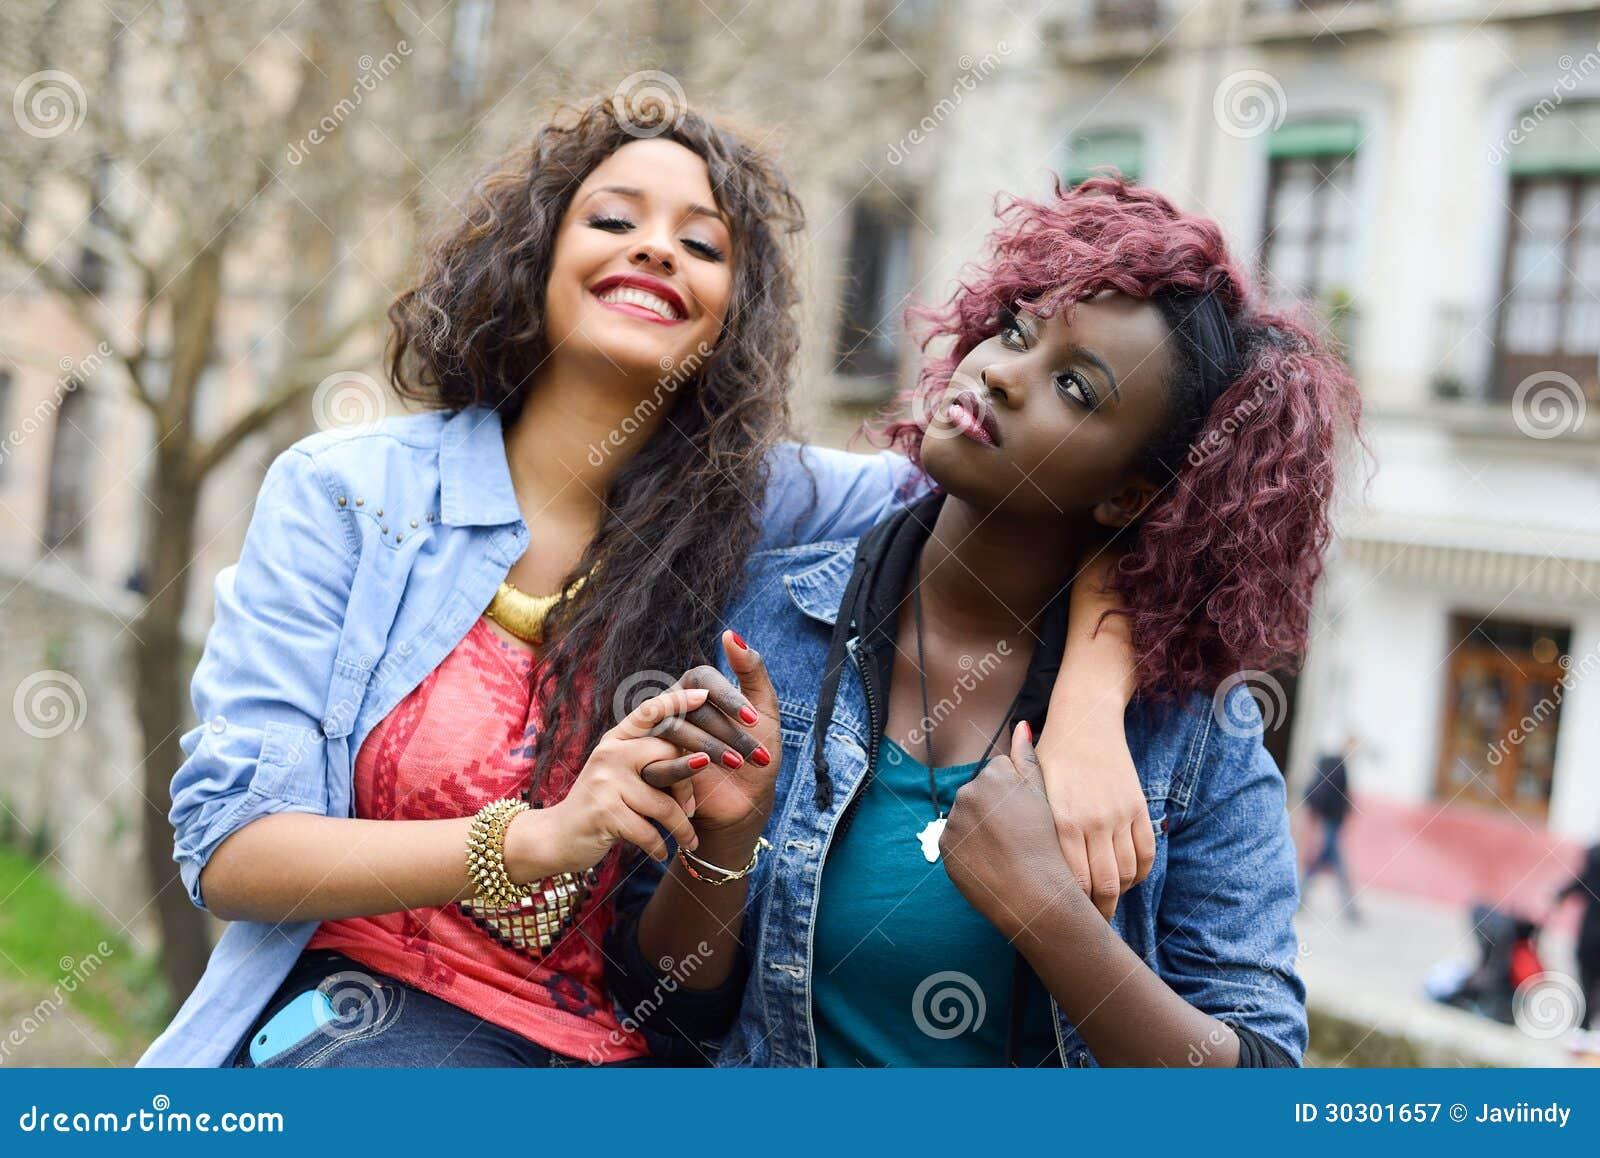 Millennials dating new york times 9